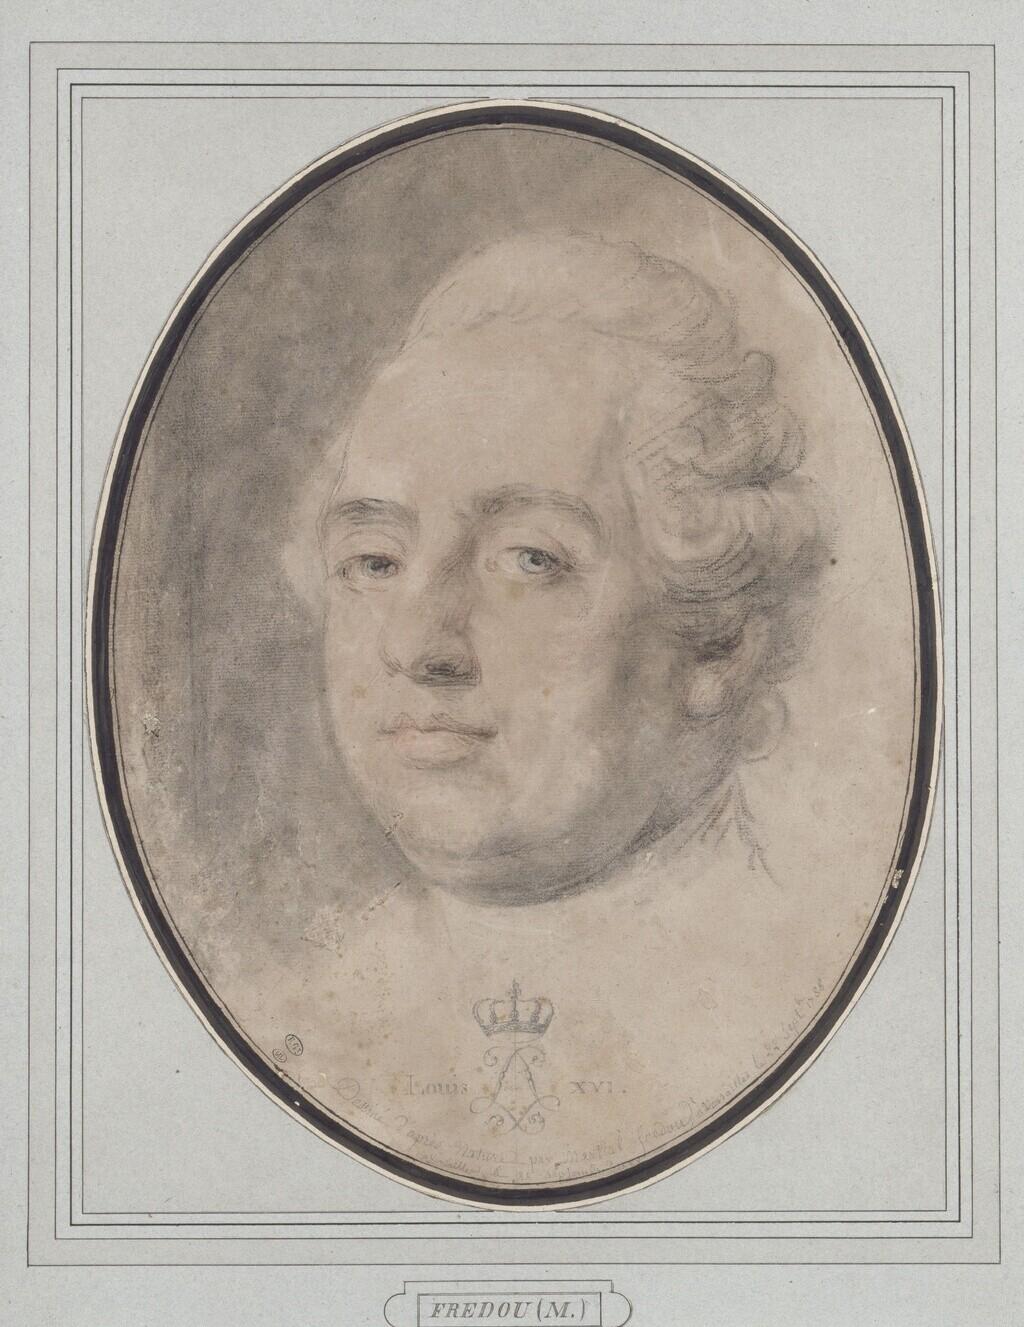 fredou - Portraits de Marie-Antoinette et de la famille royale, par Jean-Martial Frédou Louis_22